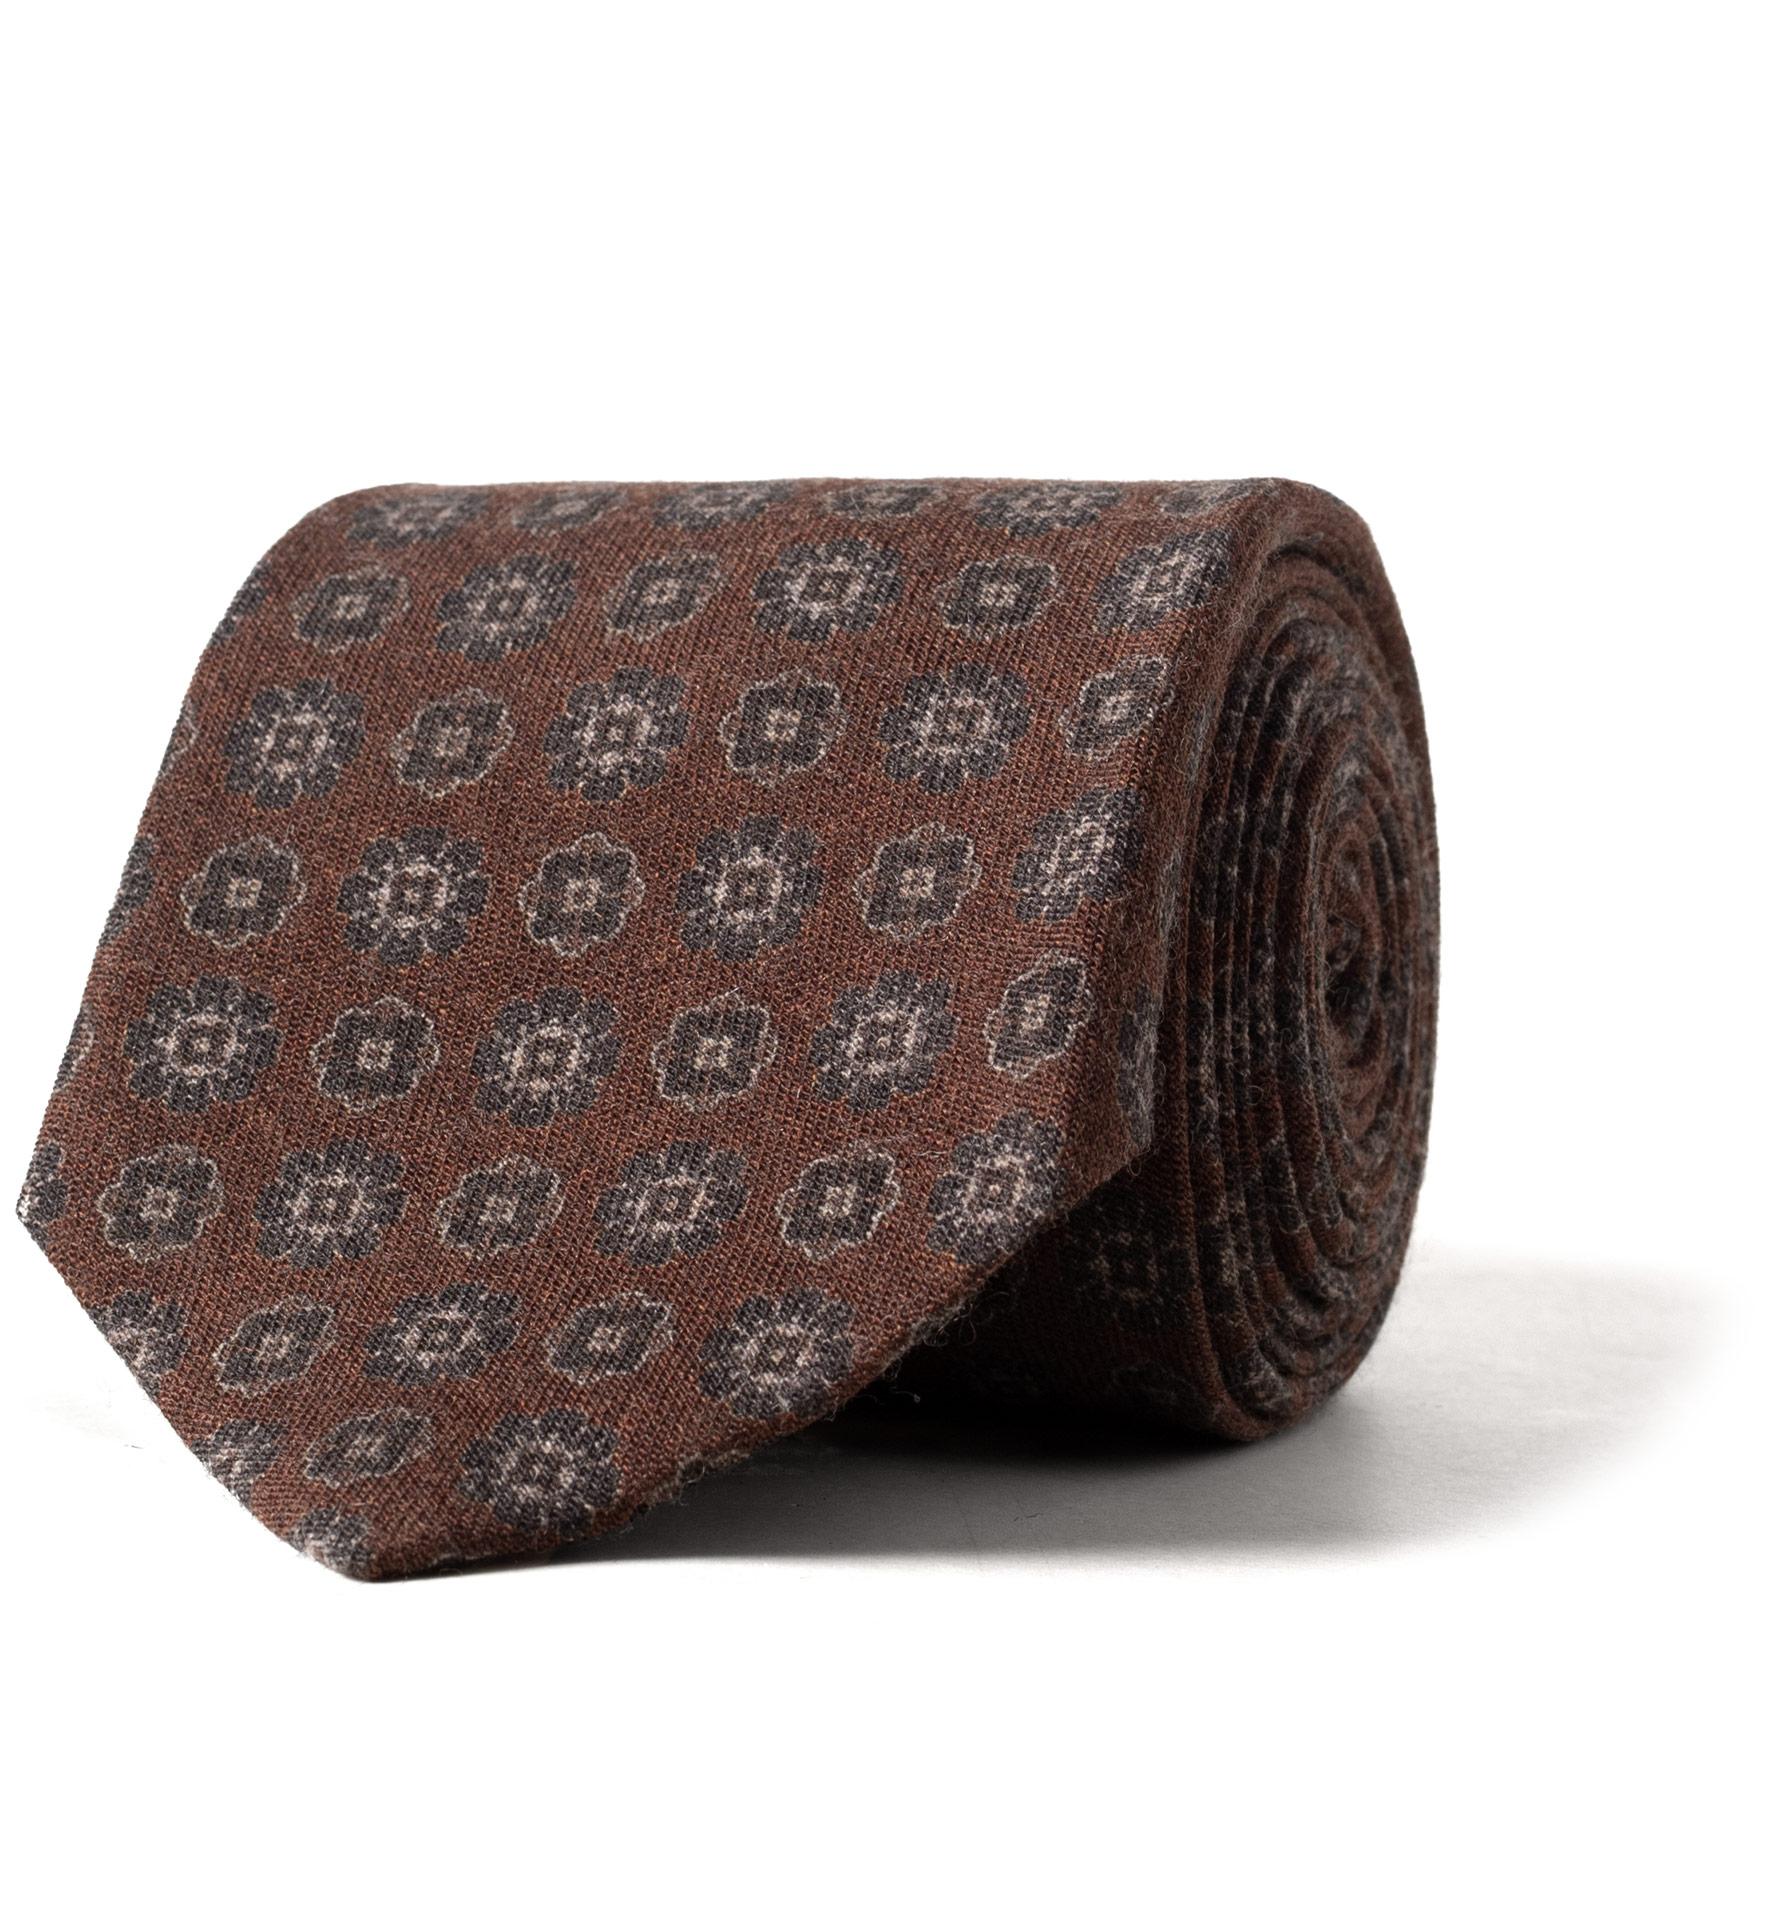 Zoom Image of Rust Printed Wool Foulard Tie